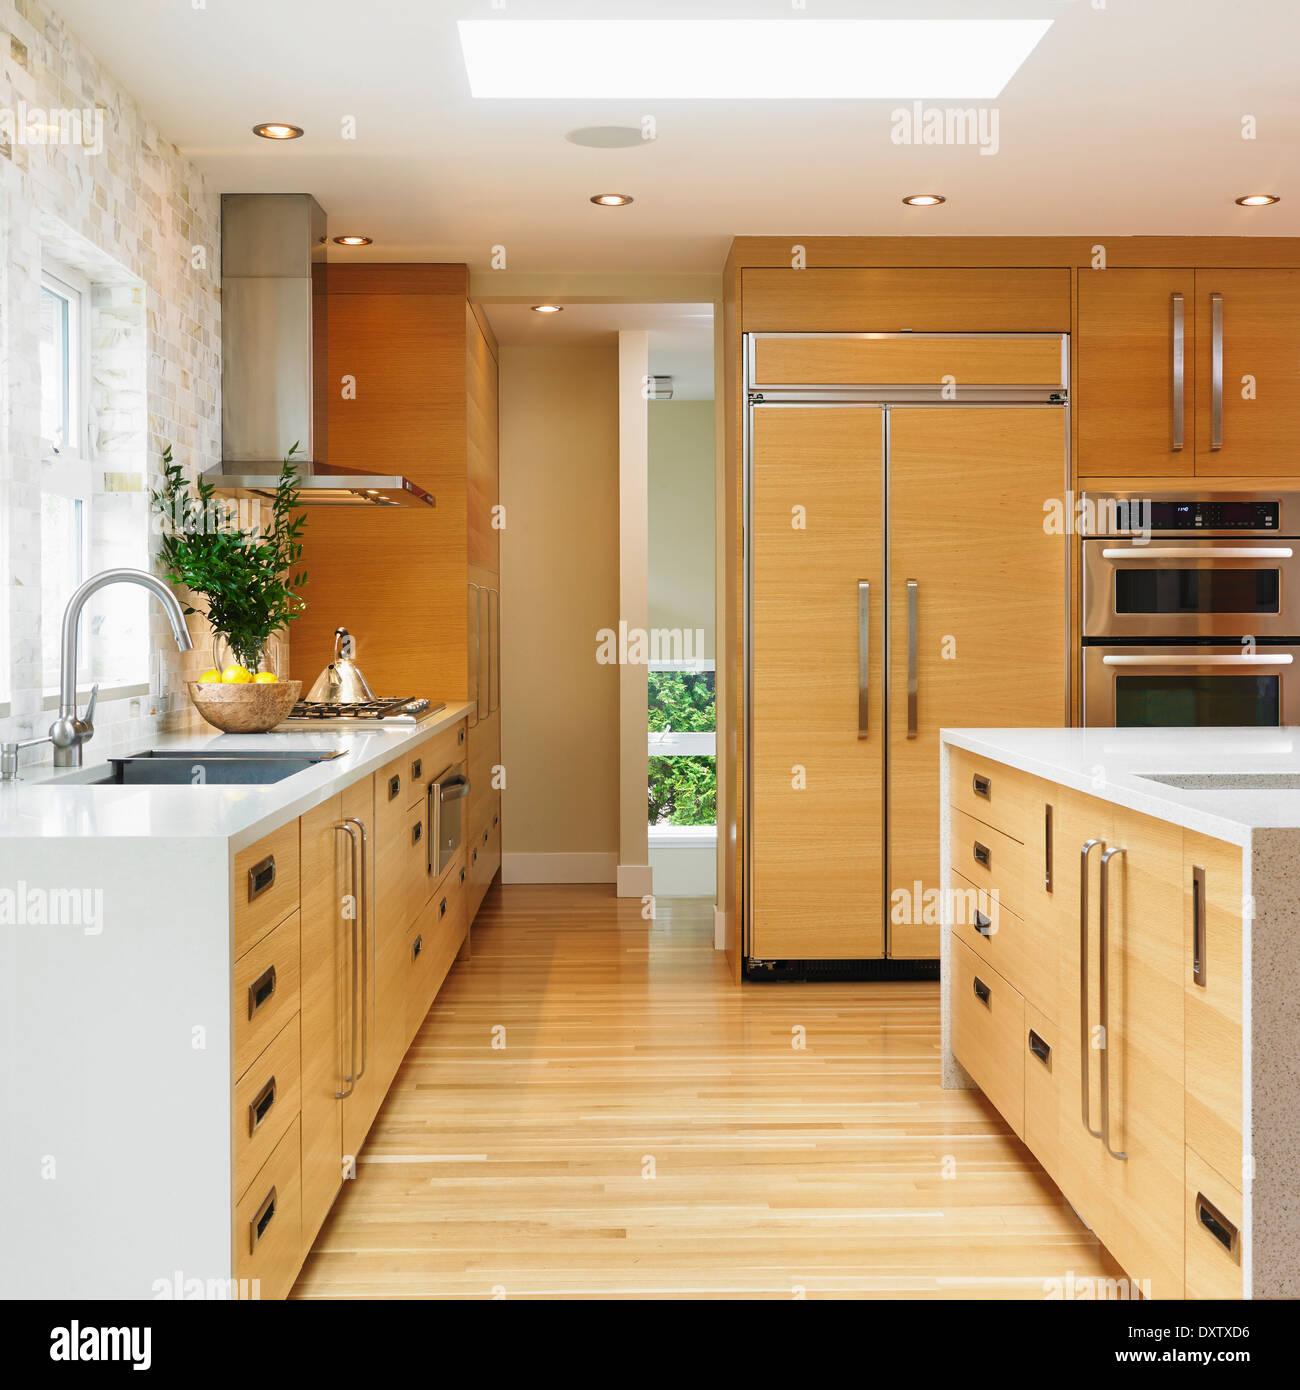 Kitchen Cabinet Doors Vancouver Bc: Oak Kitchen Cabinets Stock Photos & Oak Kitchen Cabinets